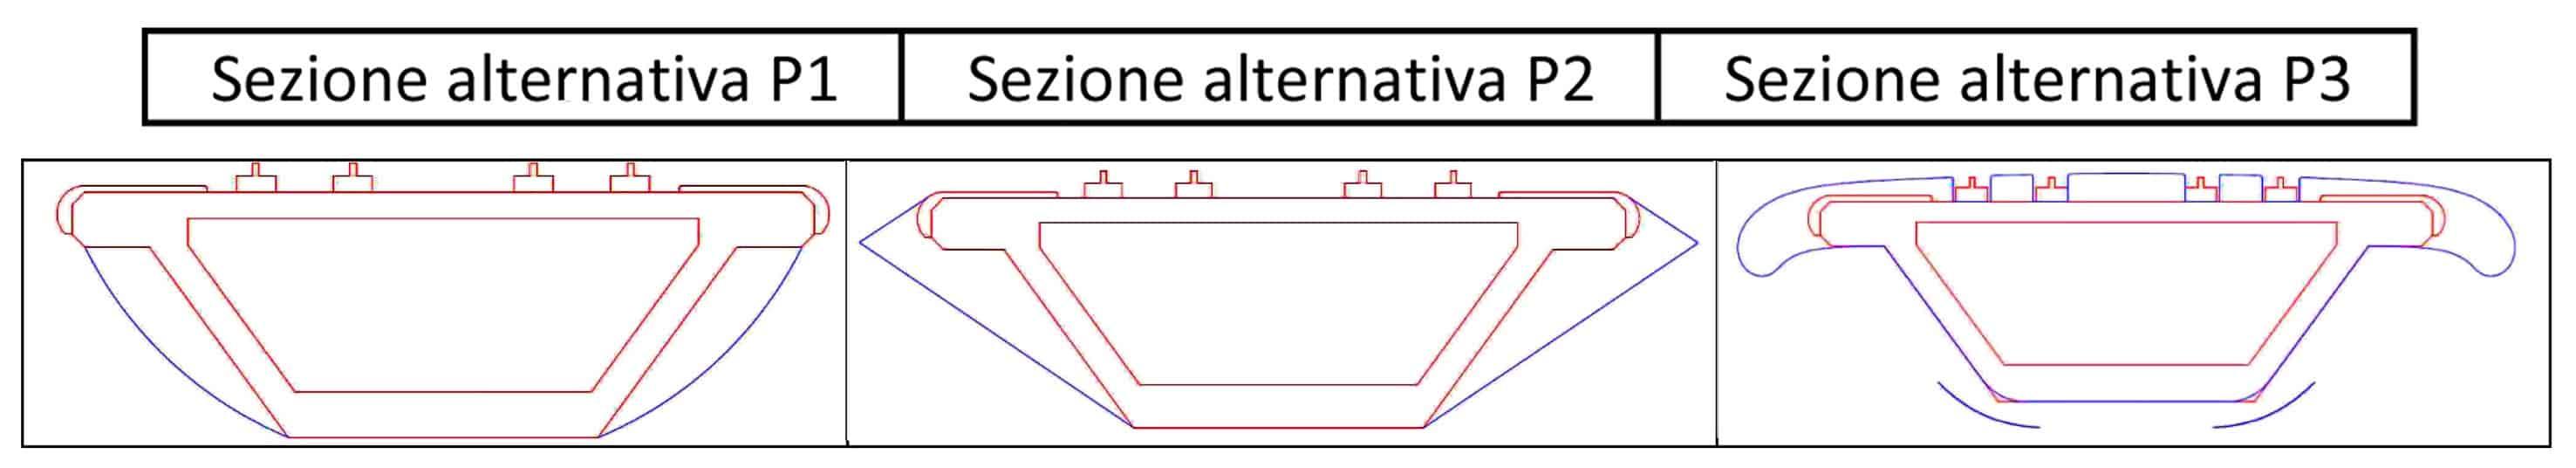 Le sezioni alternative provate